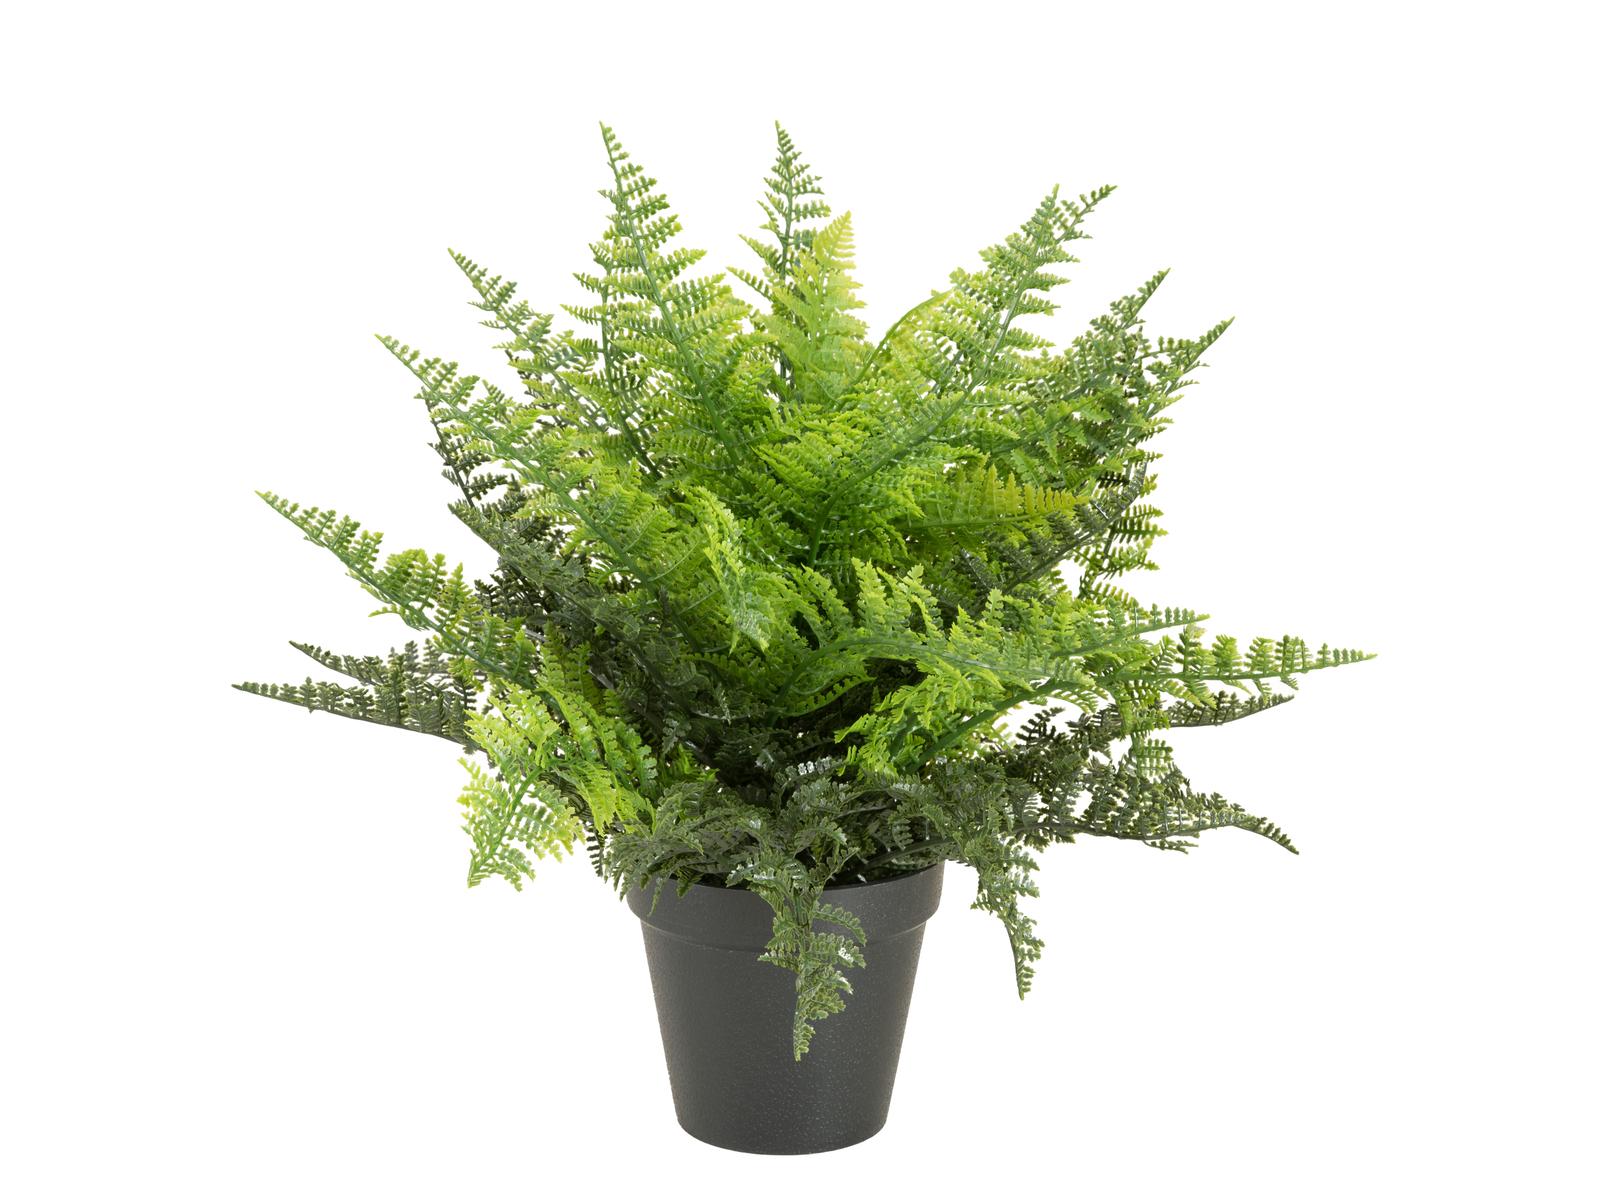 EUROPALMS Farnbusch im Dekotopf, Kunstpflanze, 51 Blätter, 48cm